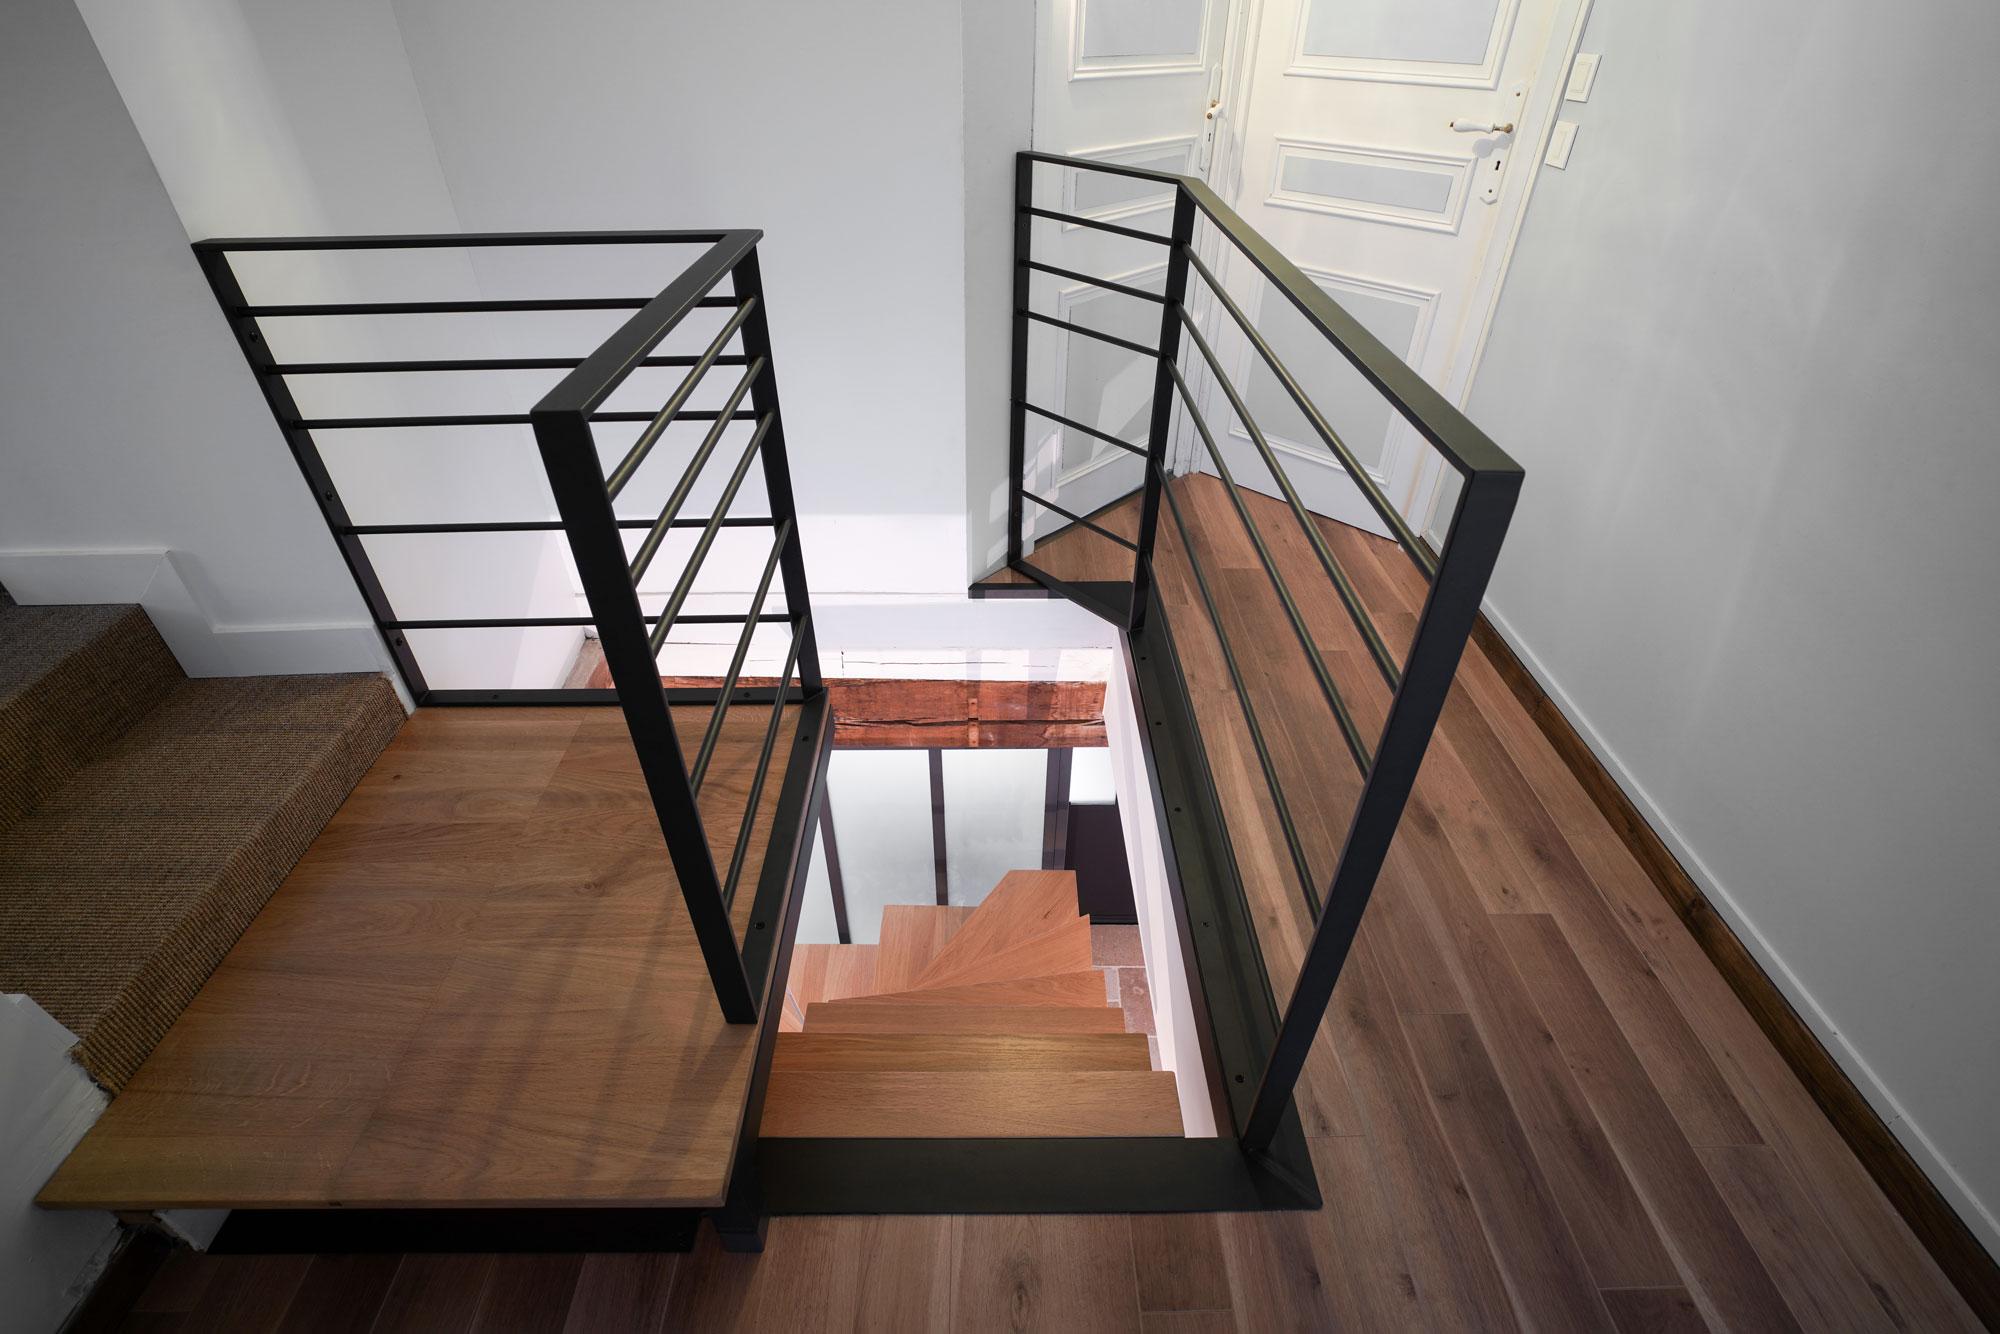 Maison de campagne r novation baru design - Renovation maison de campagne ...